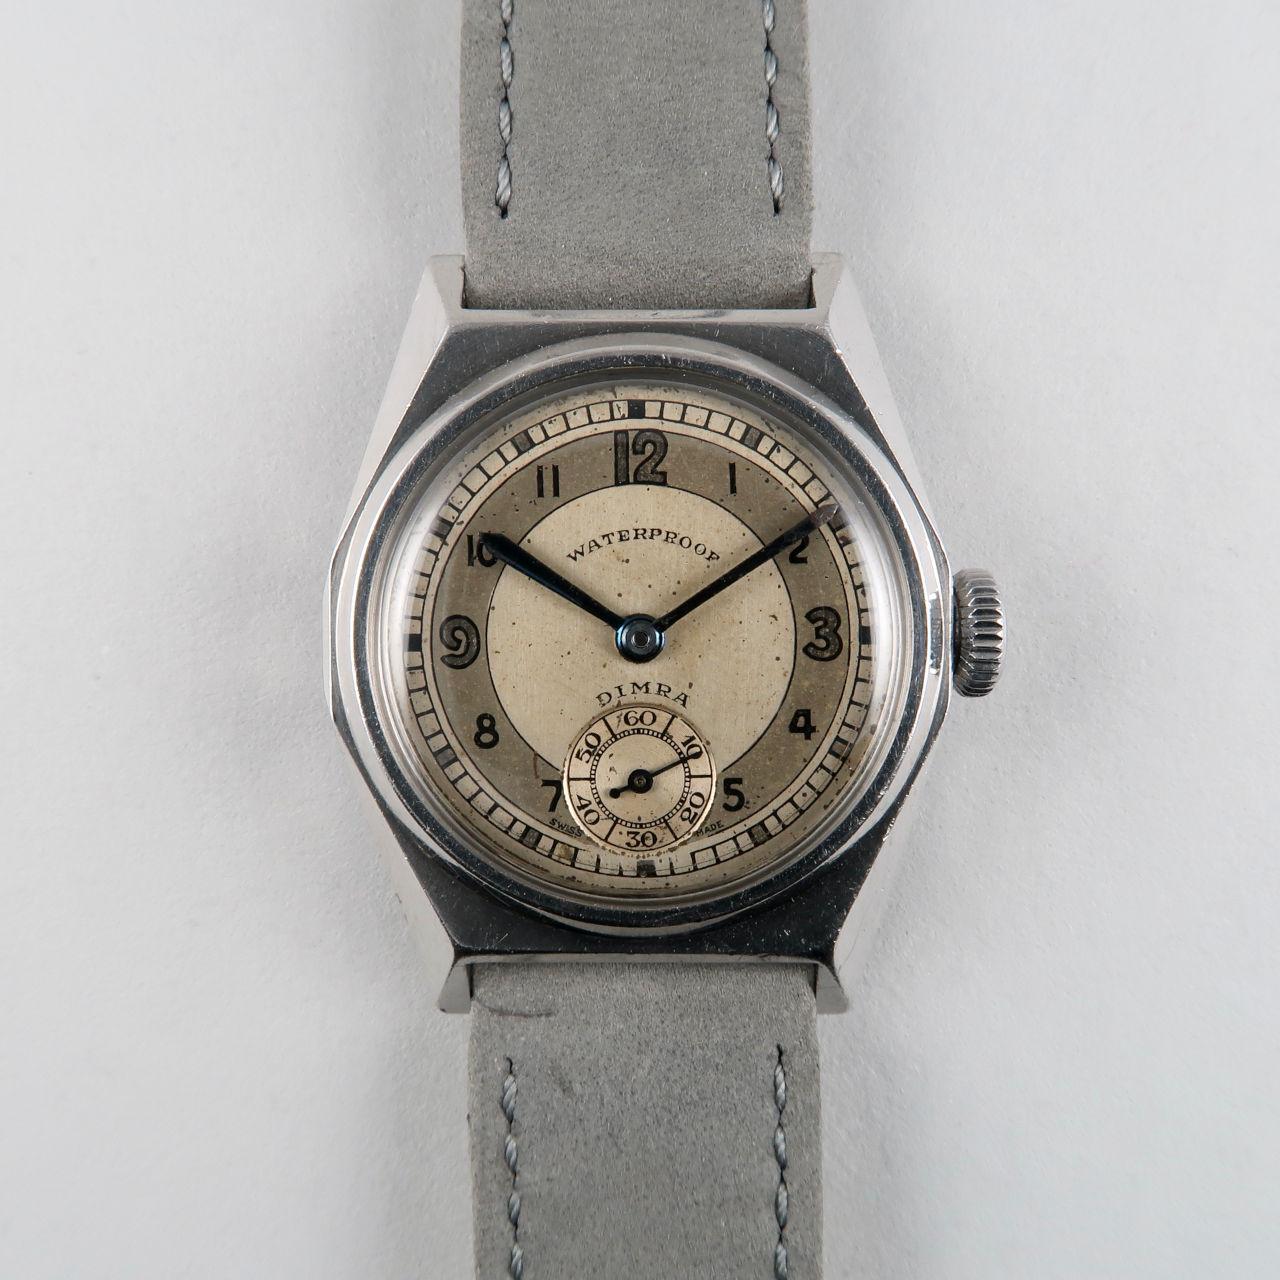 Dimra / Taubert circa 1940 | steel vintage waterproof wristwatch